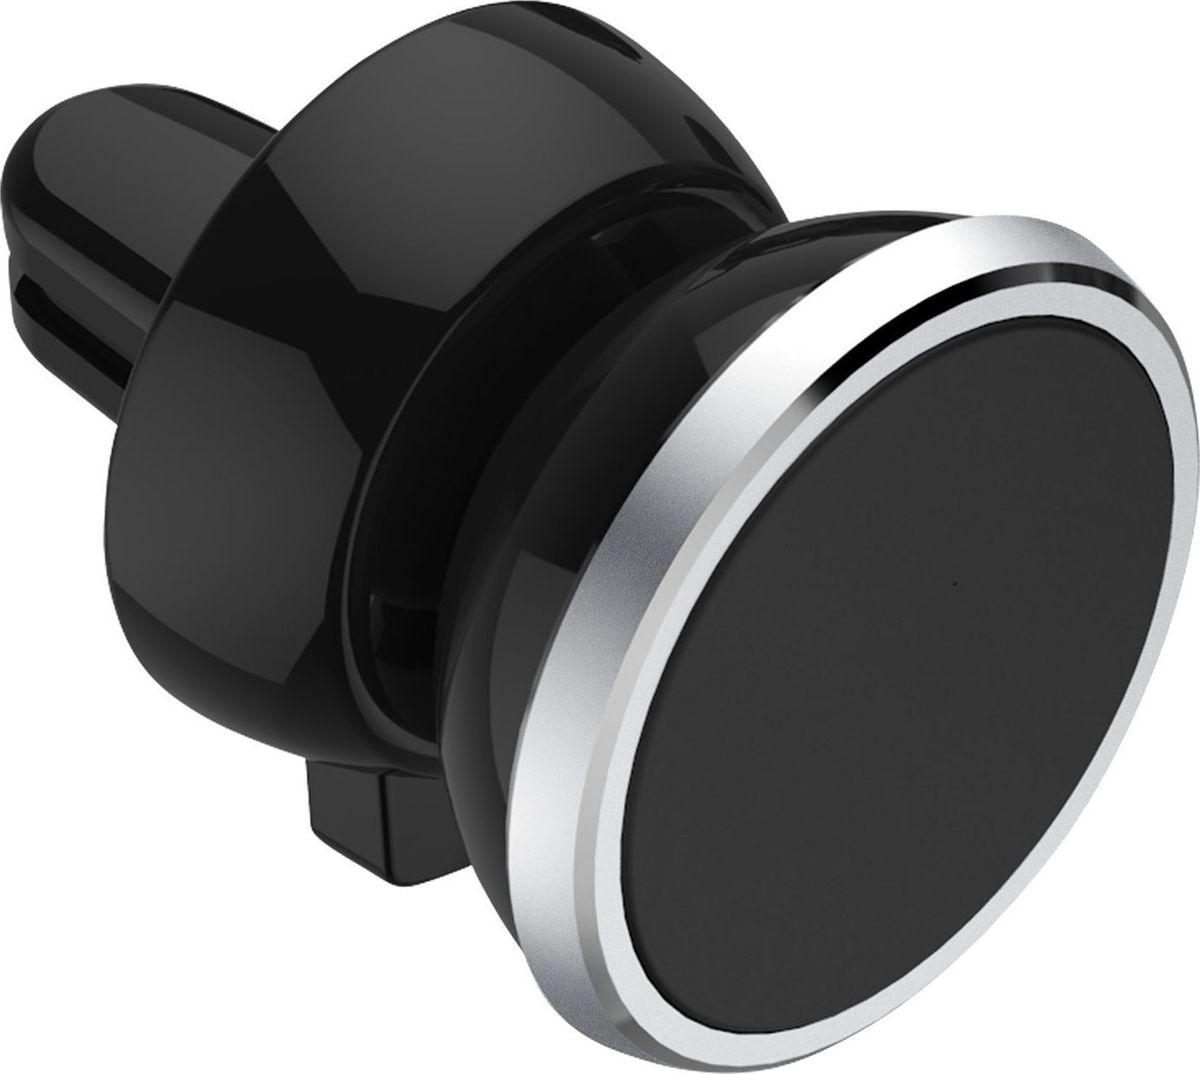 Держатель автомобильный AM, для телефона, магнитный, цвет: черныйRC-100BWC6 неодимовых магнитов. Установка угла наклона. Разворот на 360 градусов. Крепление на решетку вентиляции.